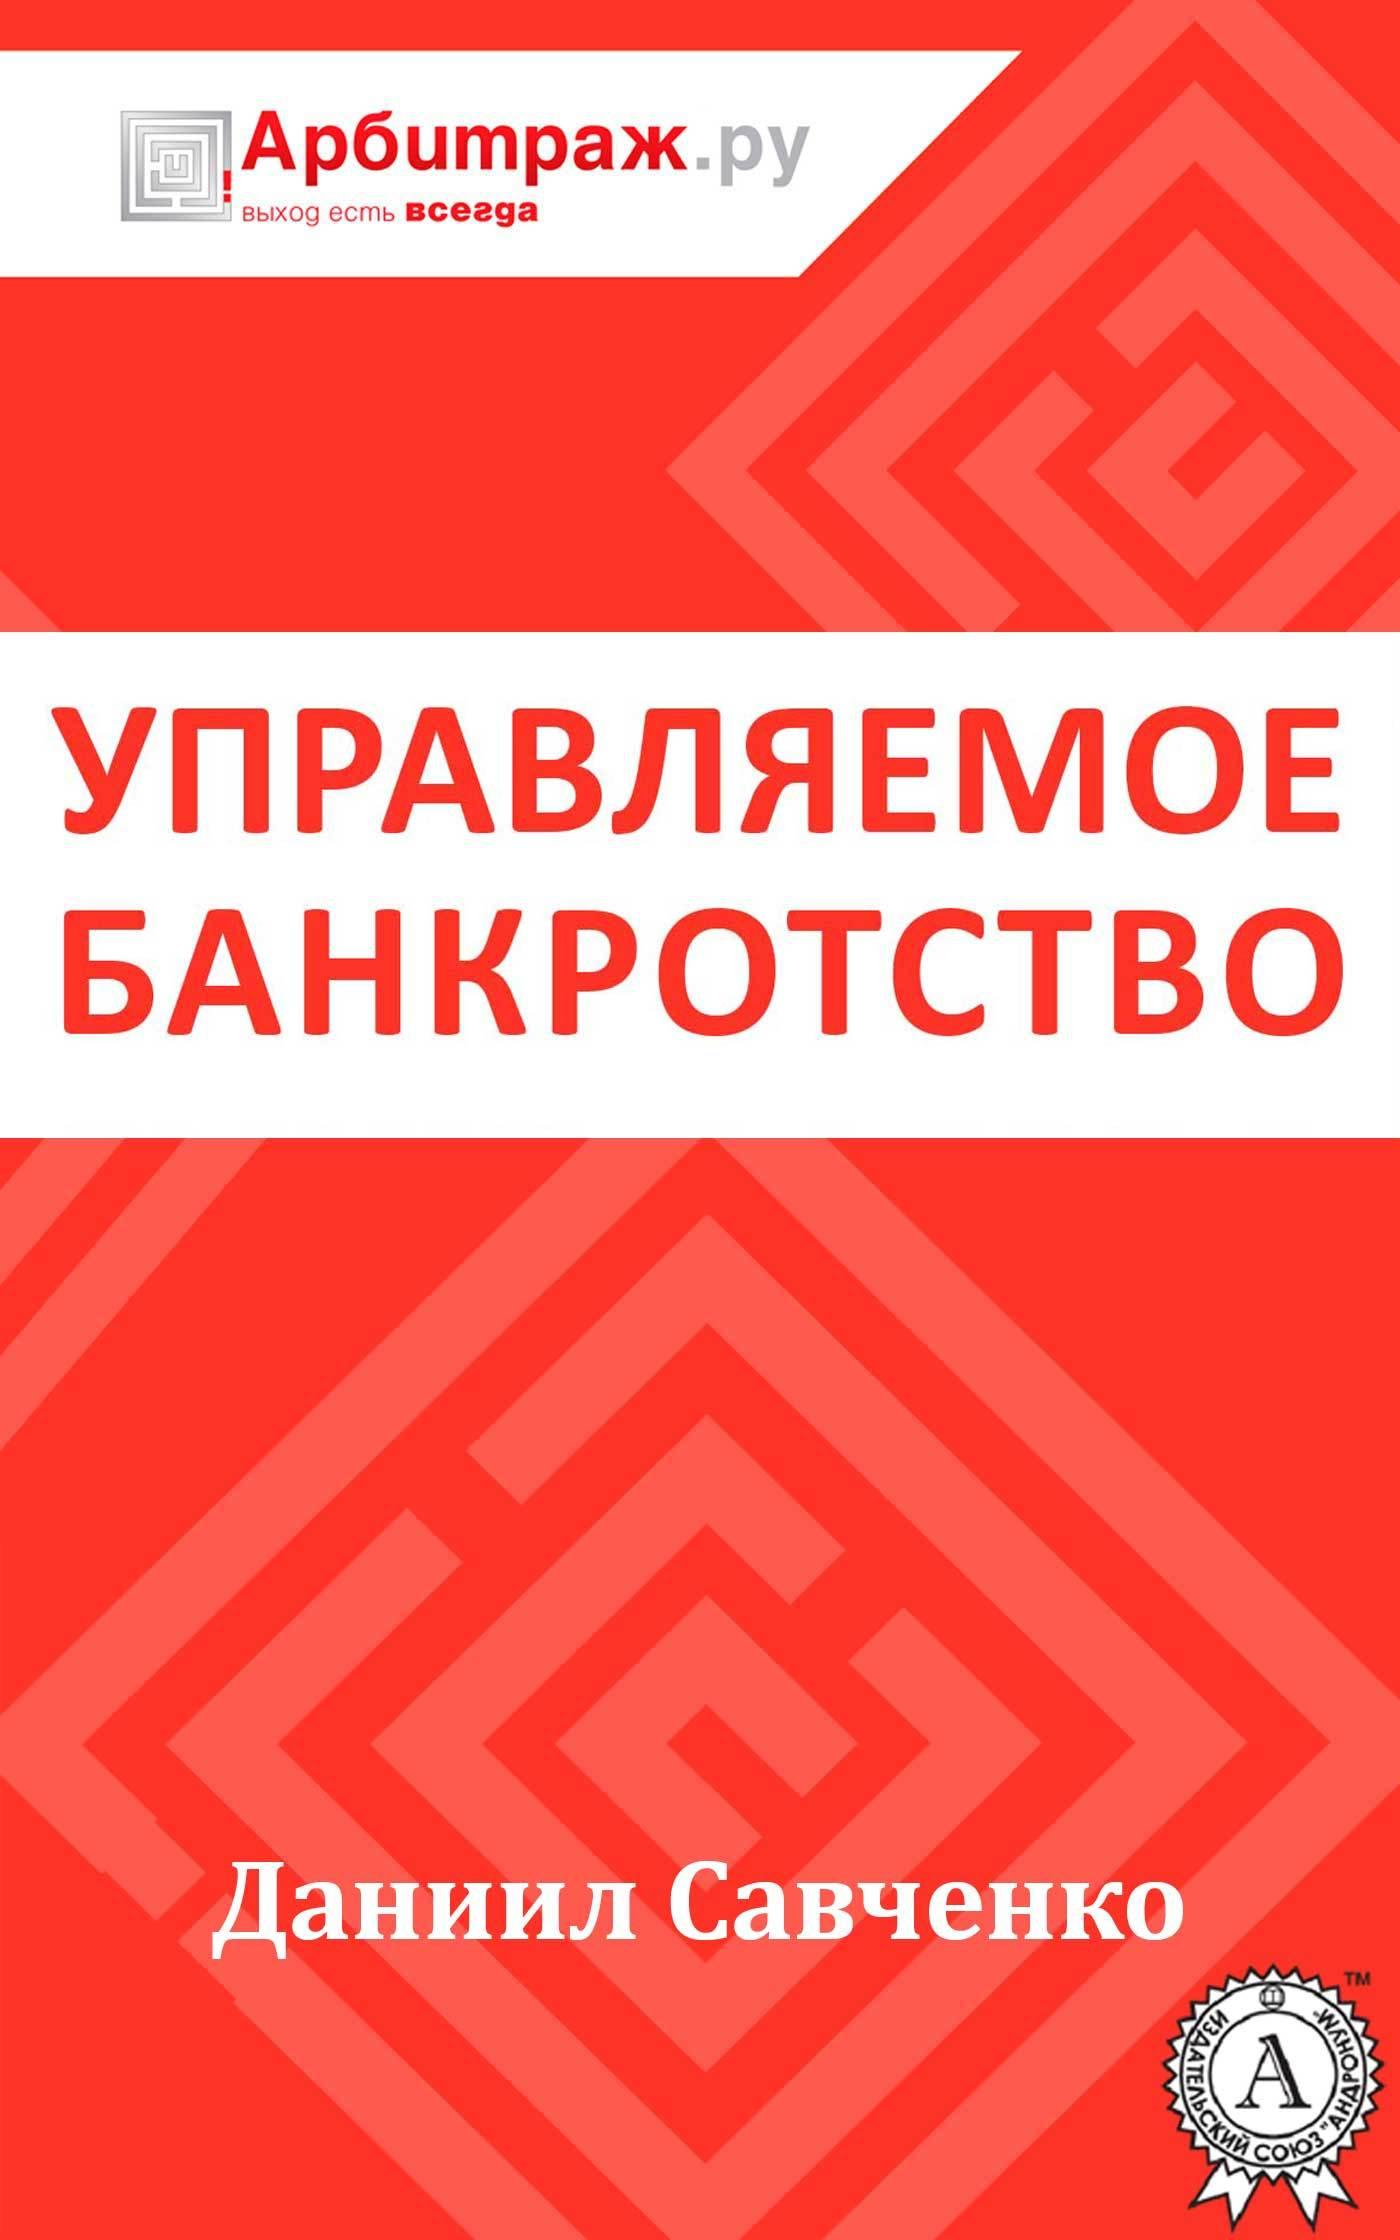 фото обложки издания Управляемое банкротство